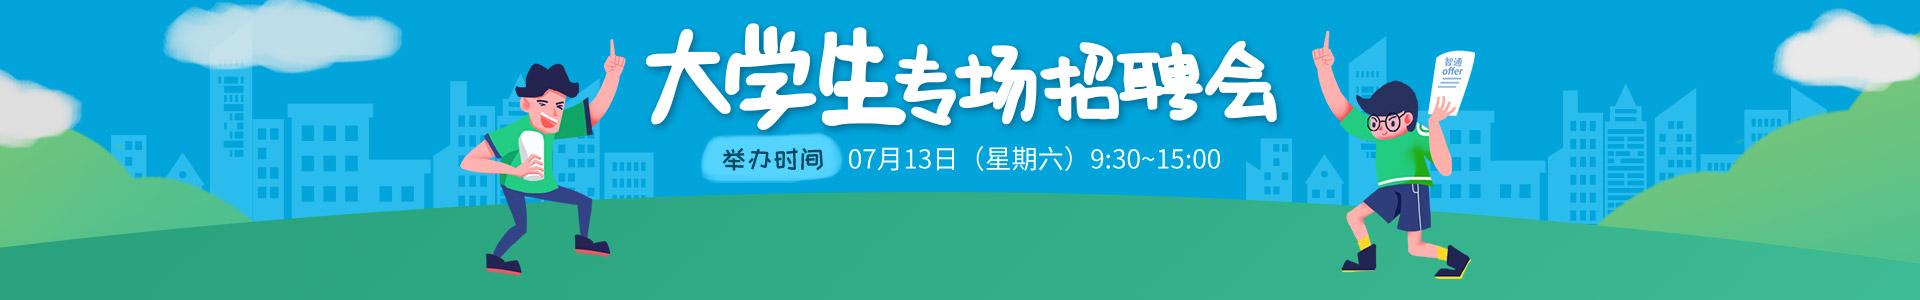 2019&2020校招